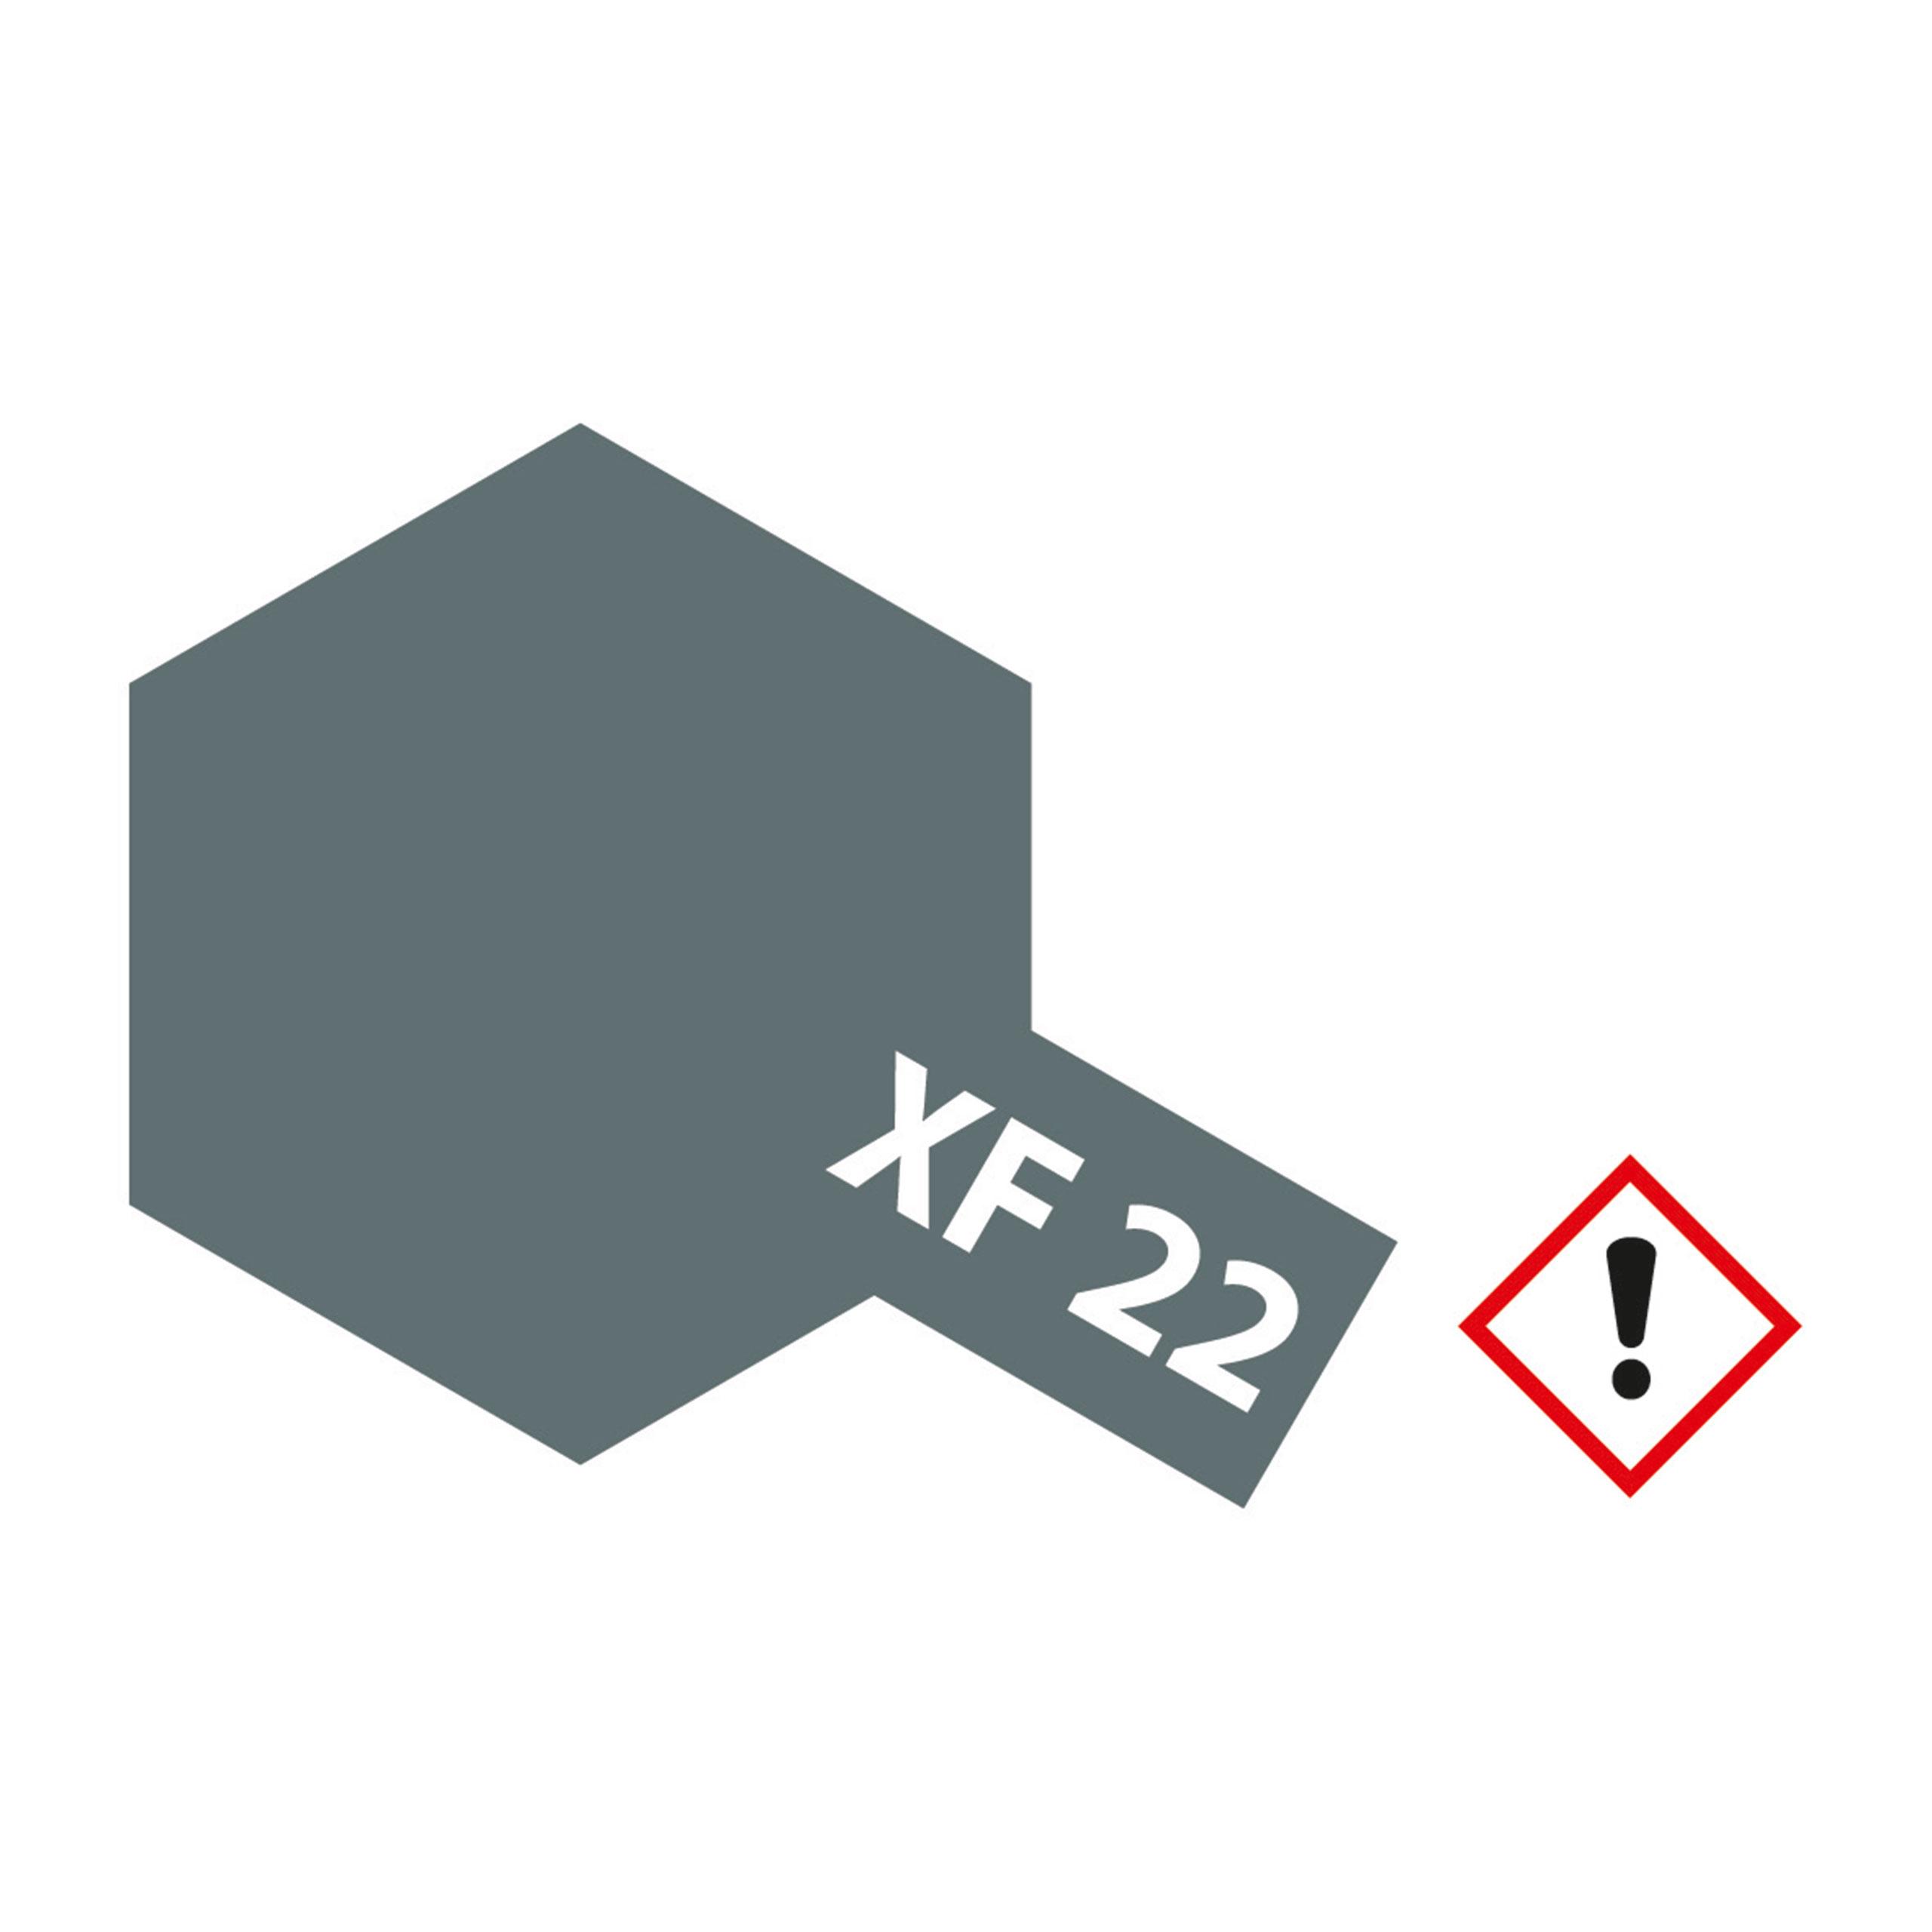 XF-22 Royal Marine Grau matt - 23ml Acrylstreichfarbe wasserloeslich Tamiya 300081322